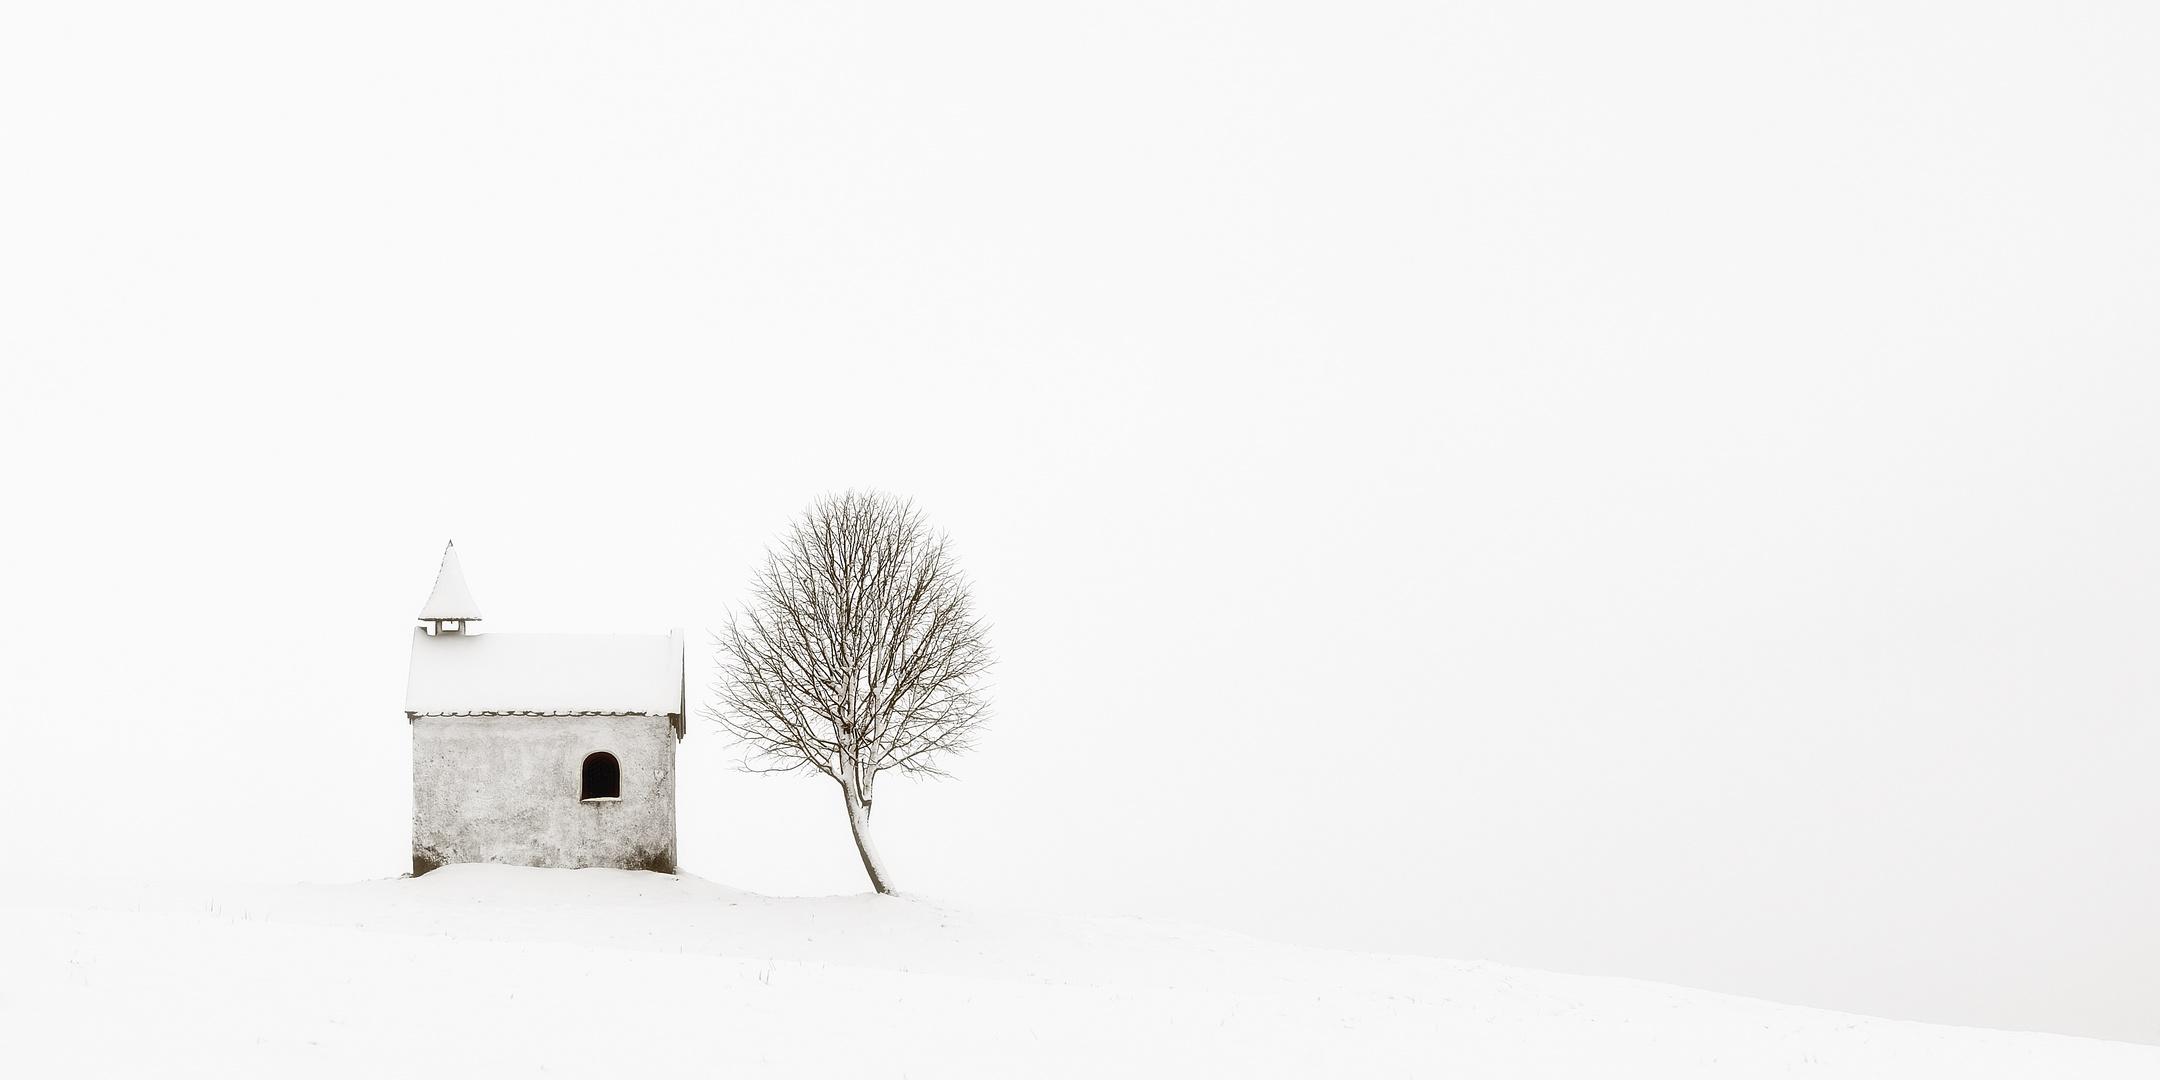 Winter FineArt #13